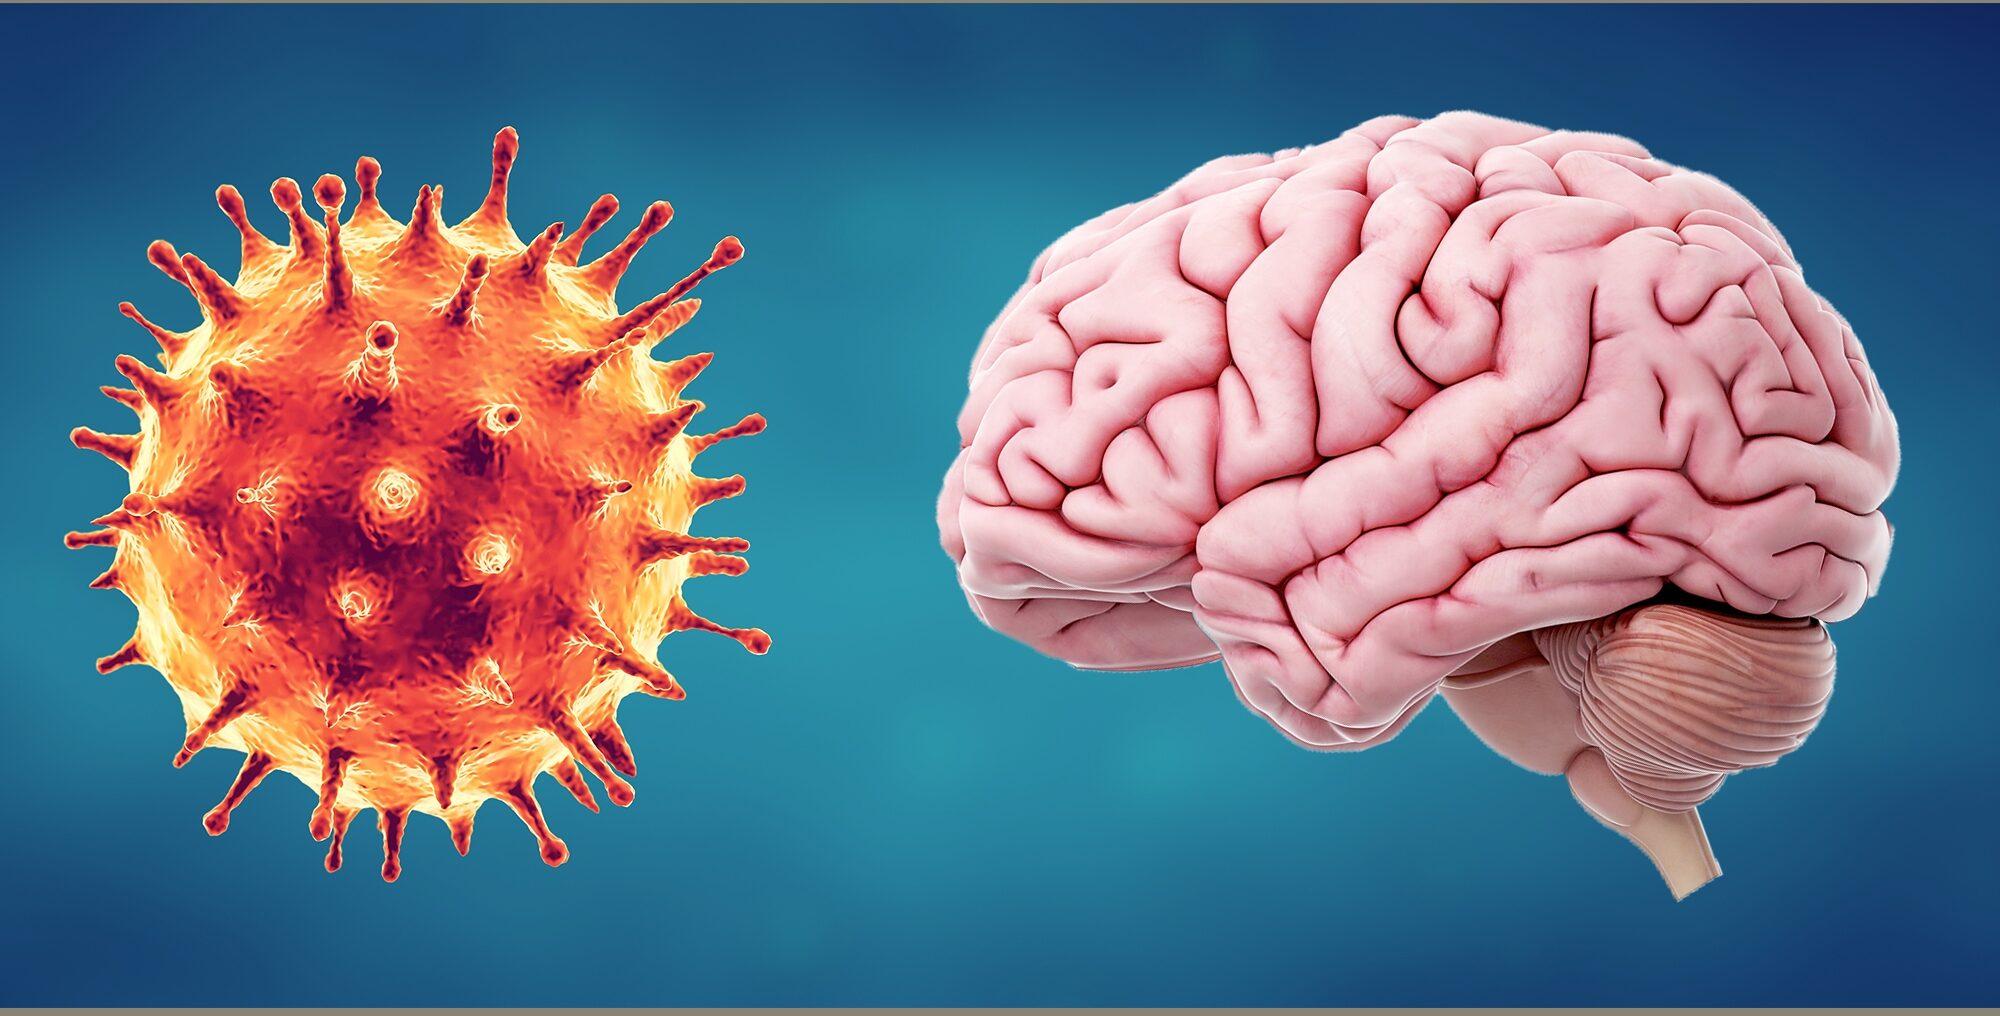 Encuentran que la inflamación cerebral causada por COVID-19 es misteriosamente similar a la del Alzheimer